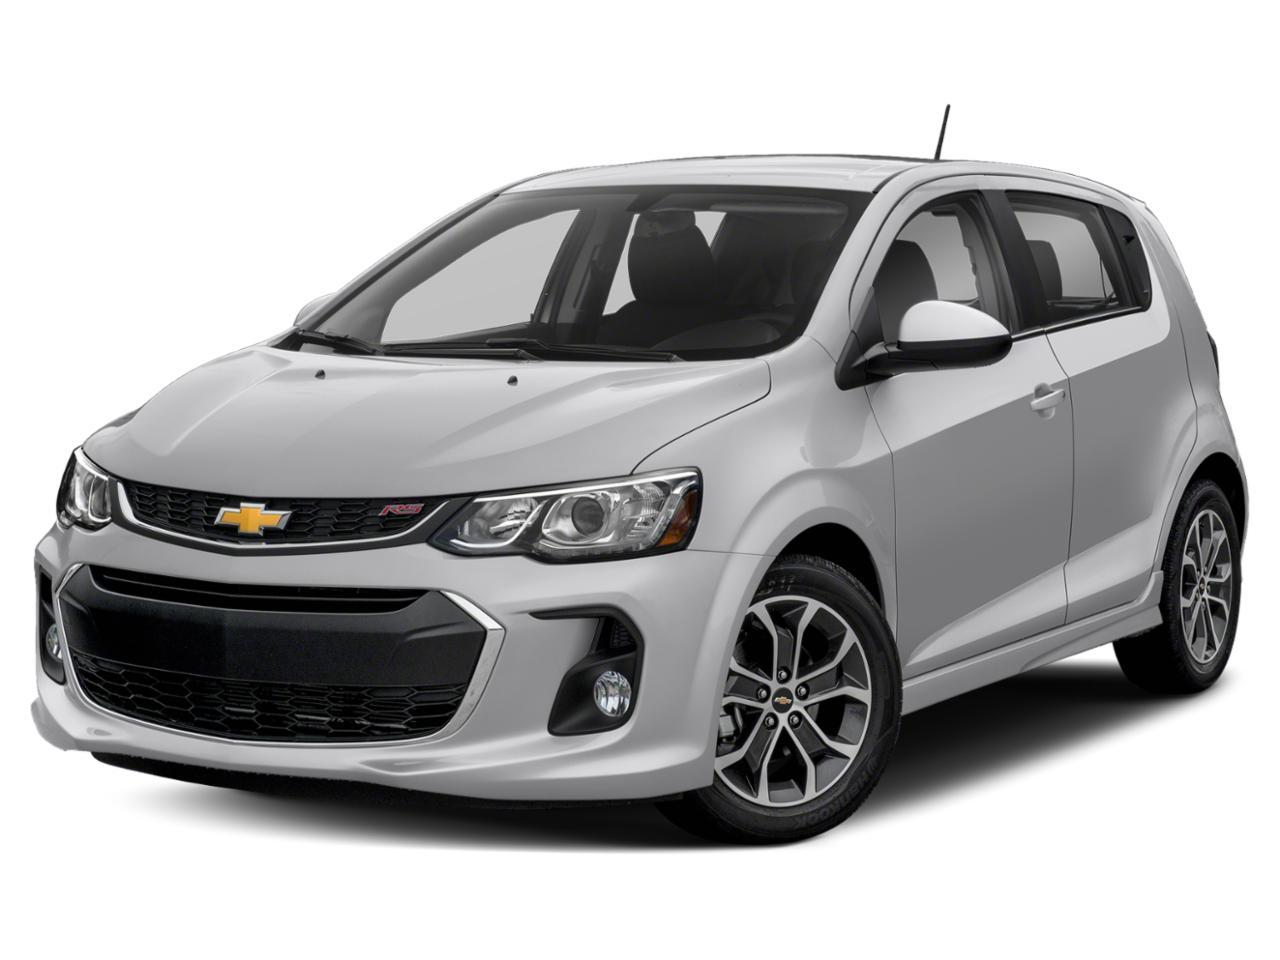 2020 Chevrolet Sonic Vehicle Photo in Ontario, CA 91764